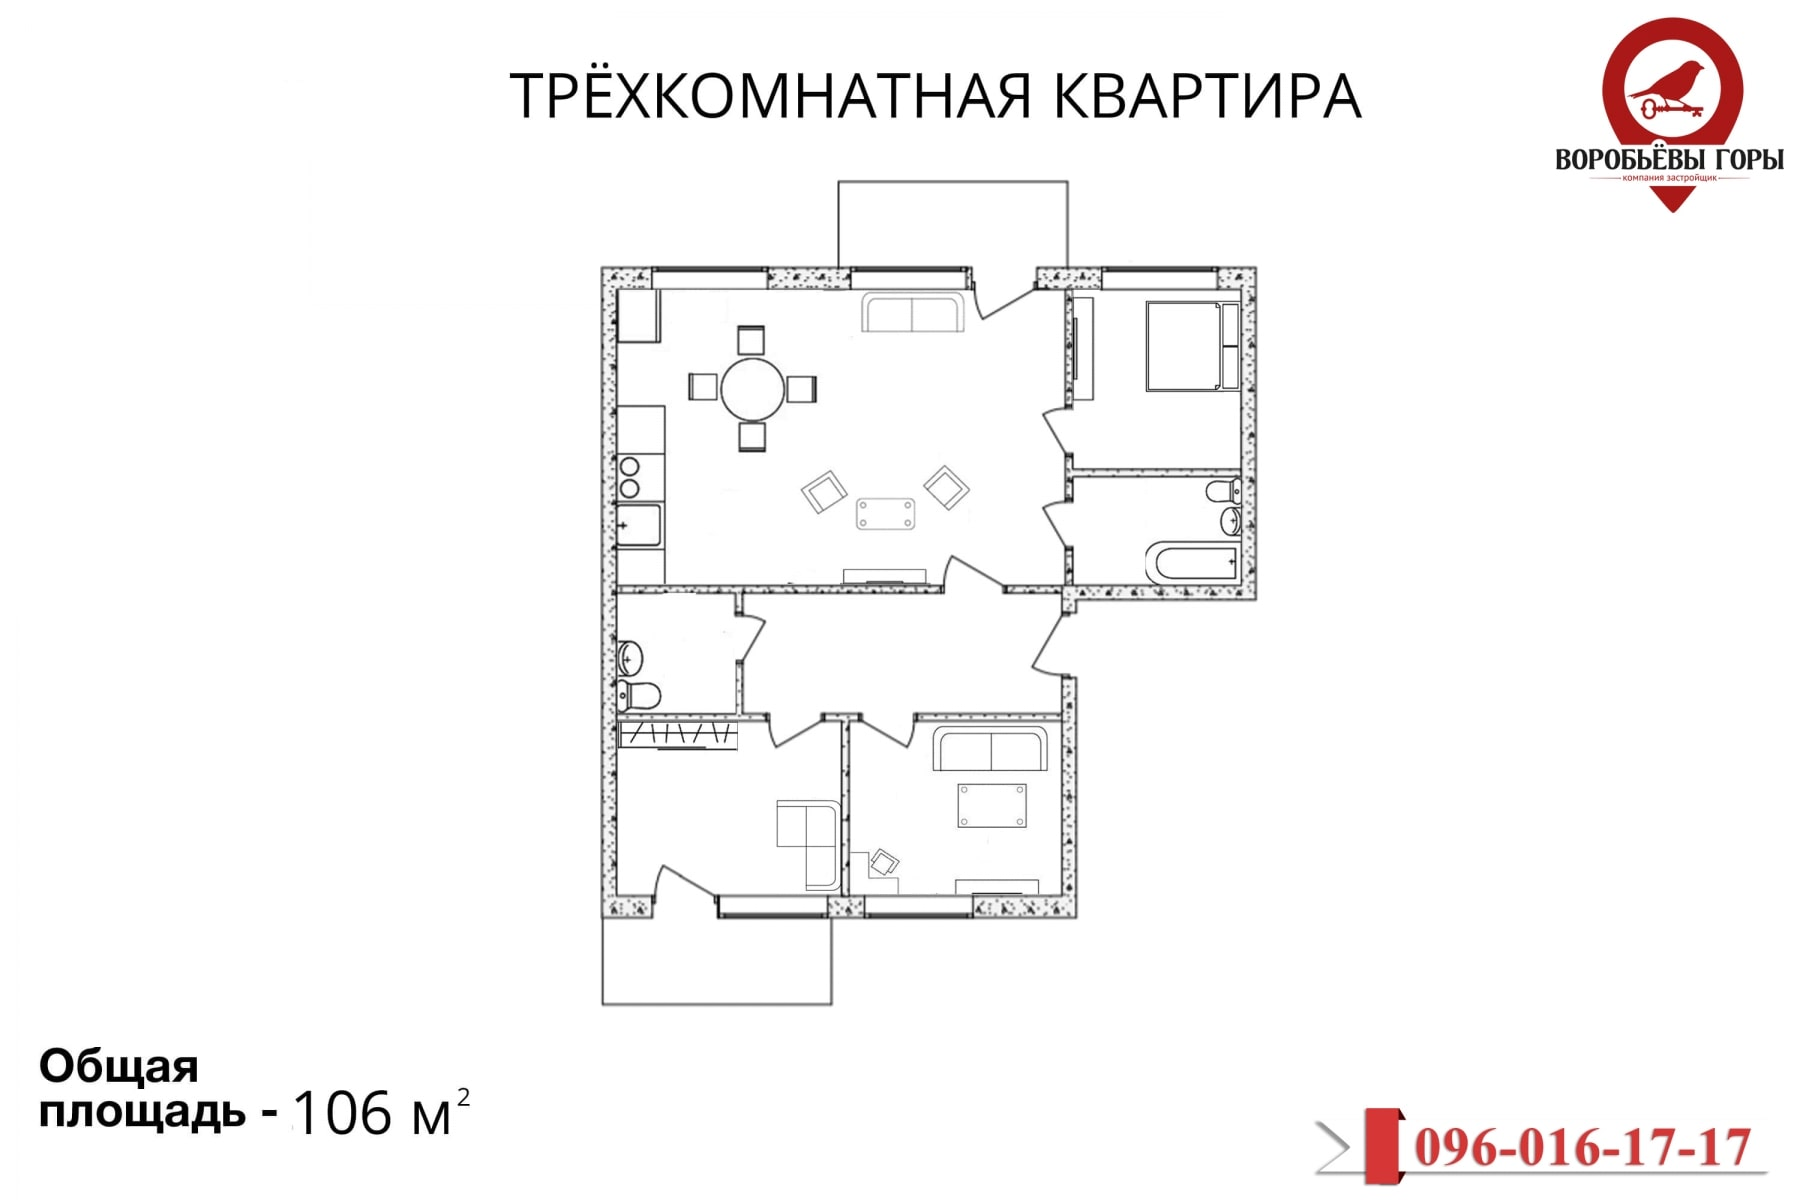 трехкомнатная квартира 106м2 Воробьевы горы